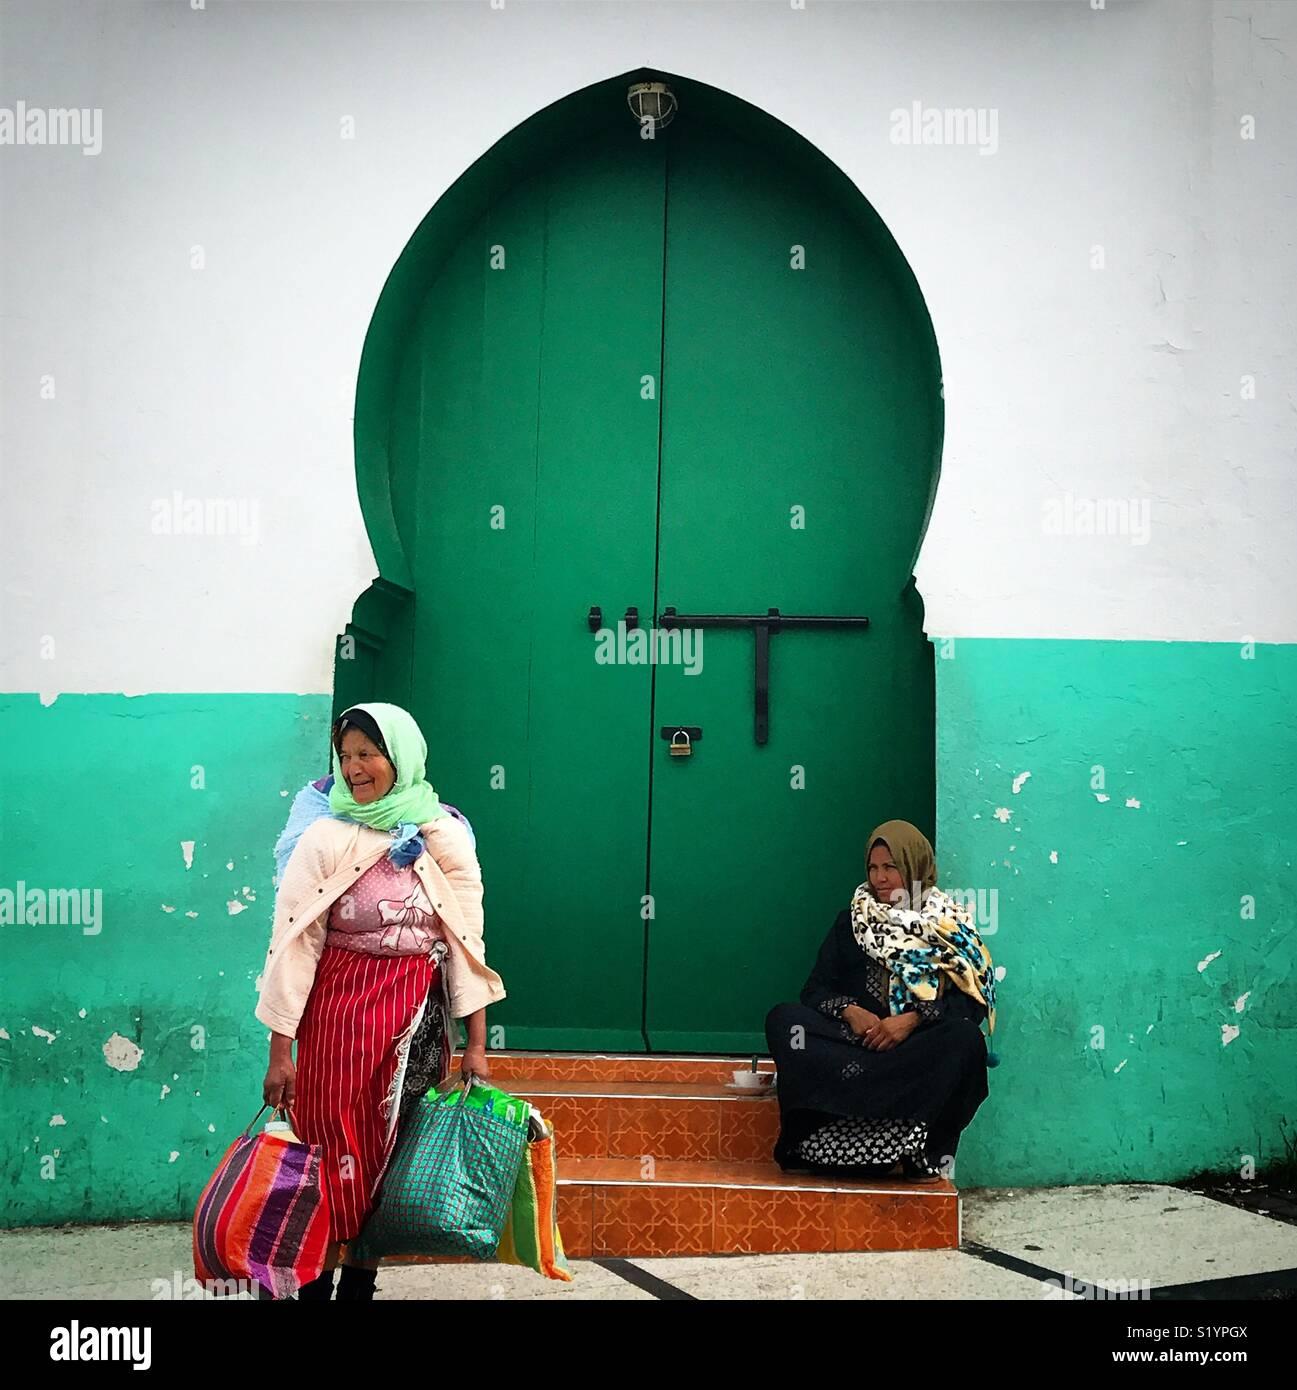 Donne marocchino di sedersi di fronte una porta verde a Tangeri, Marocco, Africa Immagini Stock